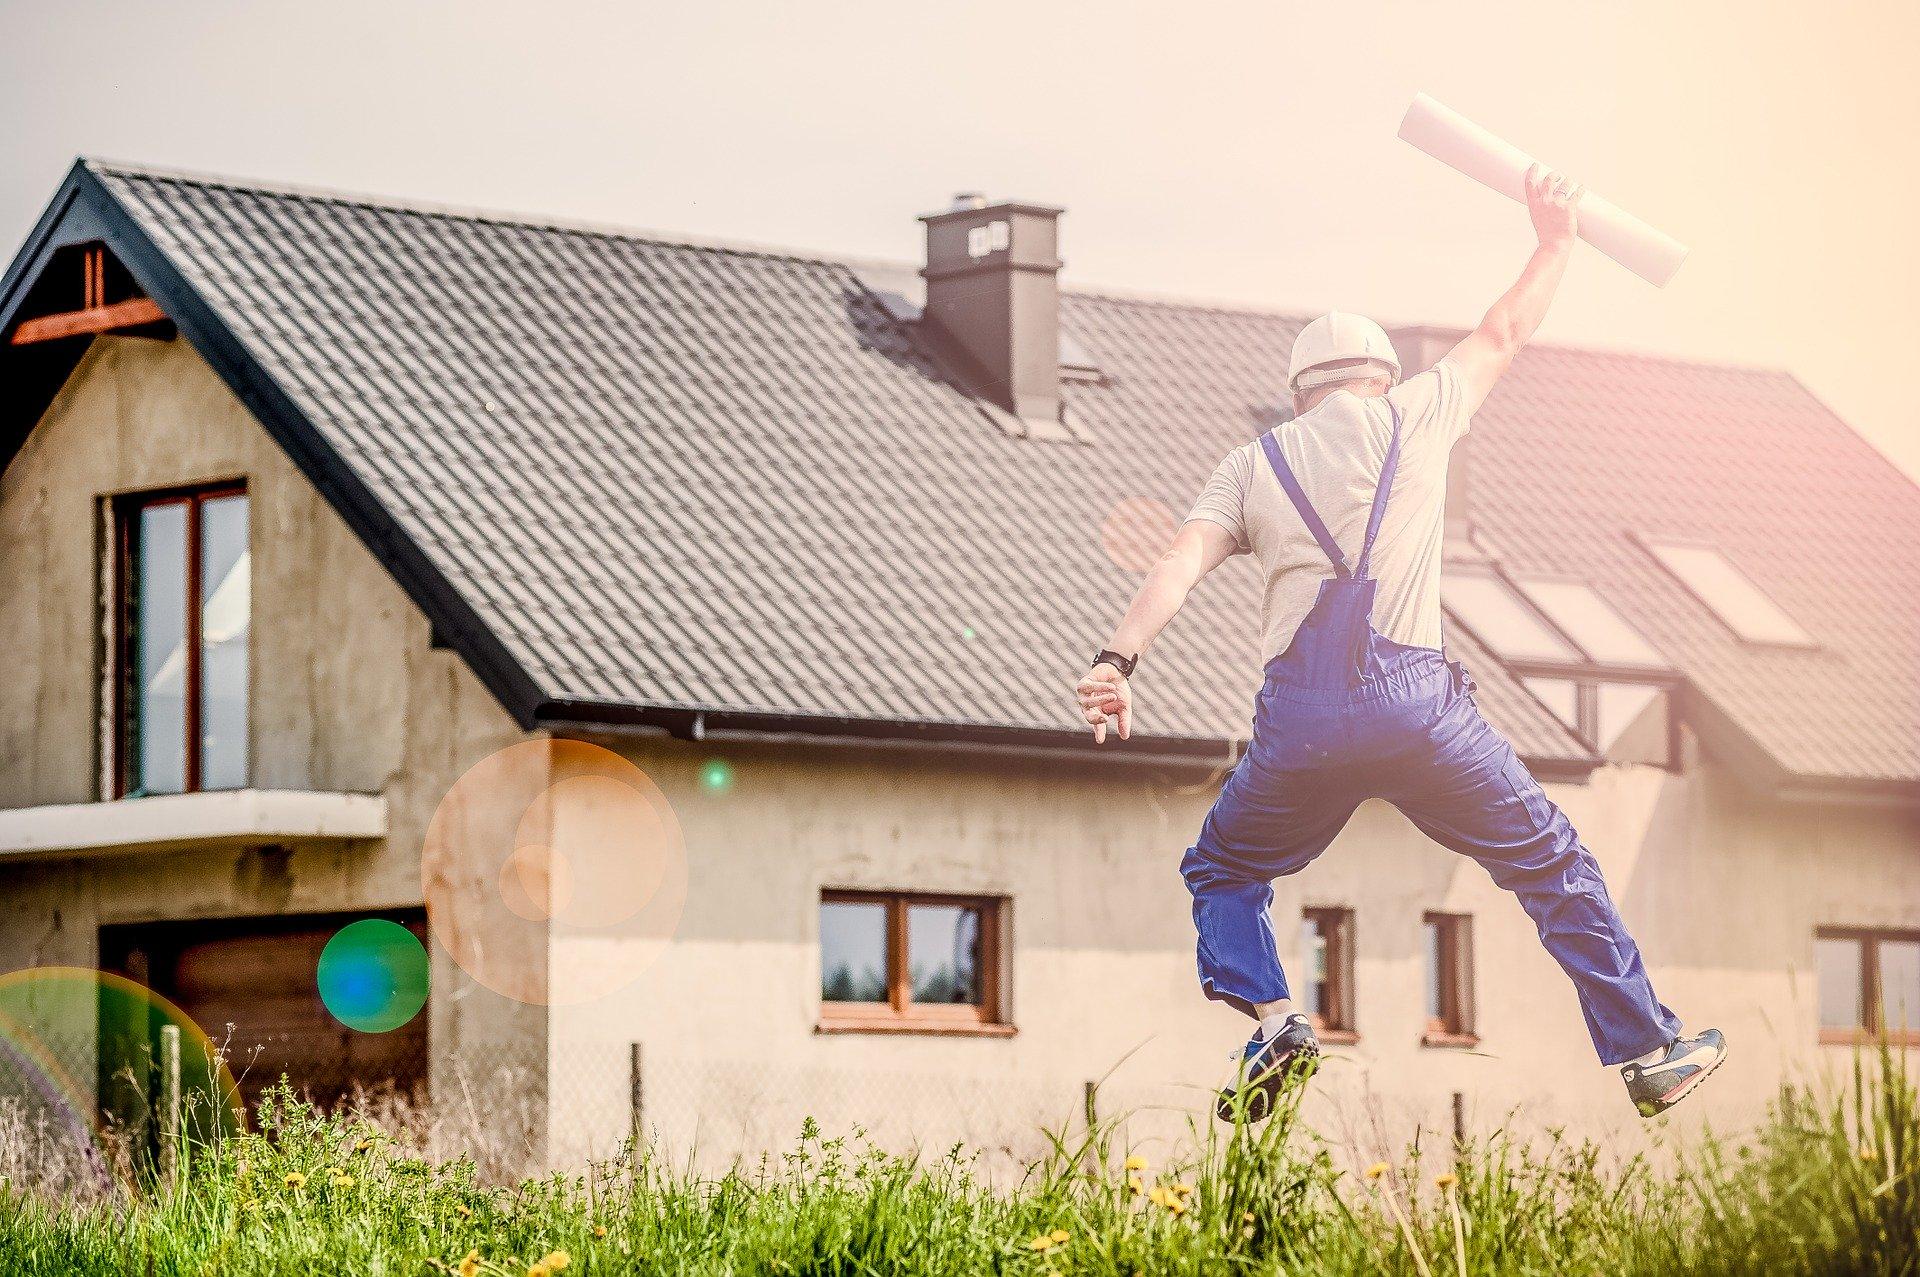 מתכננים לקנות נכס ?